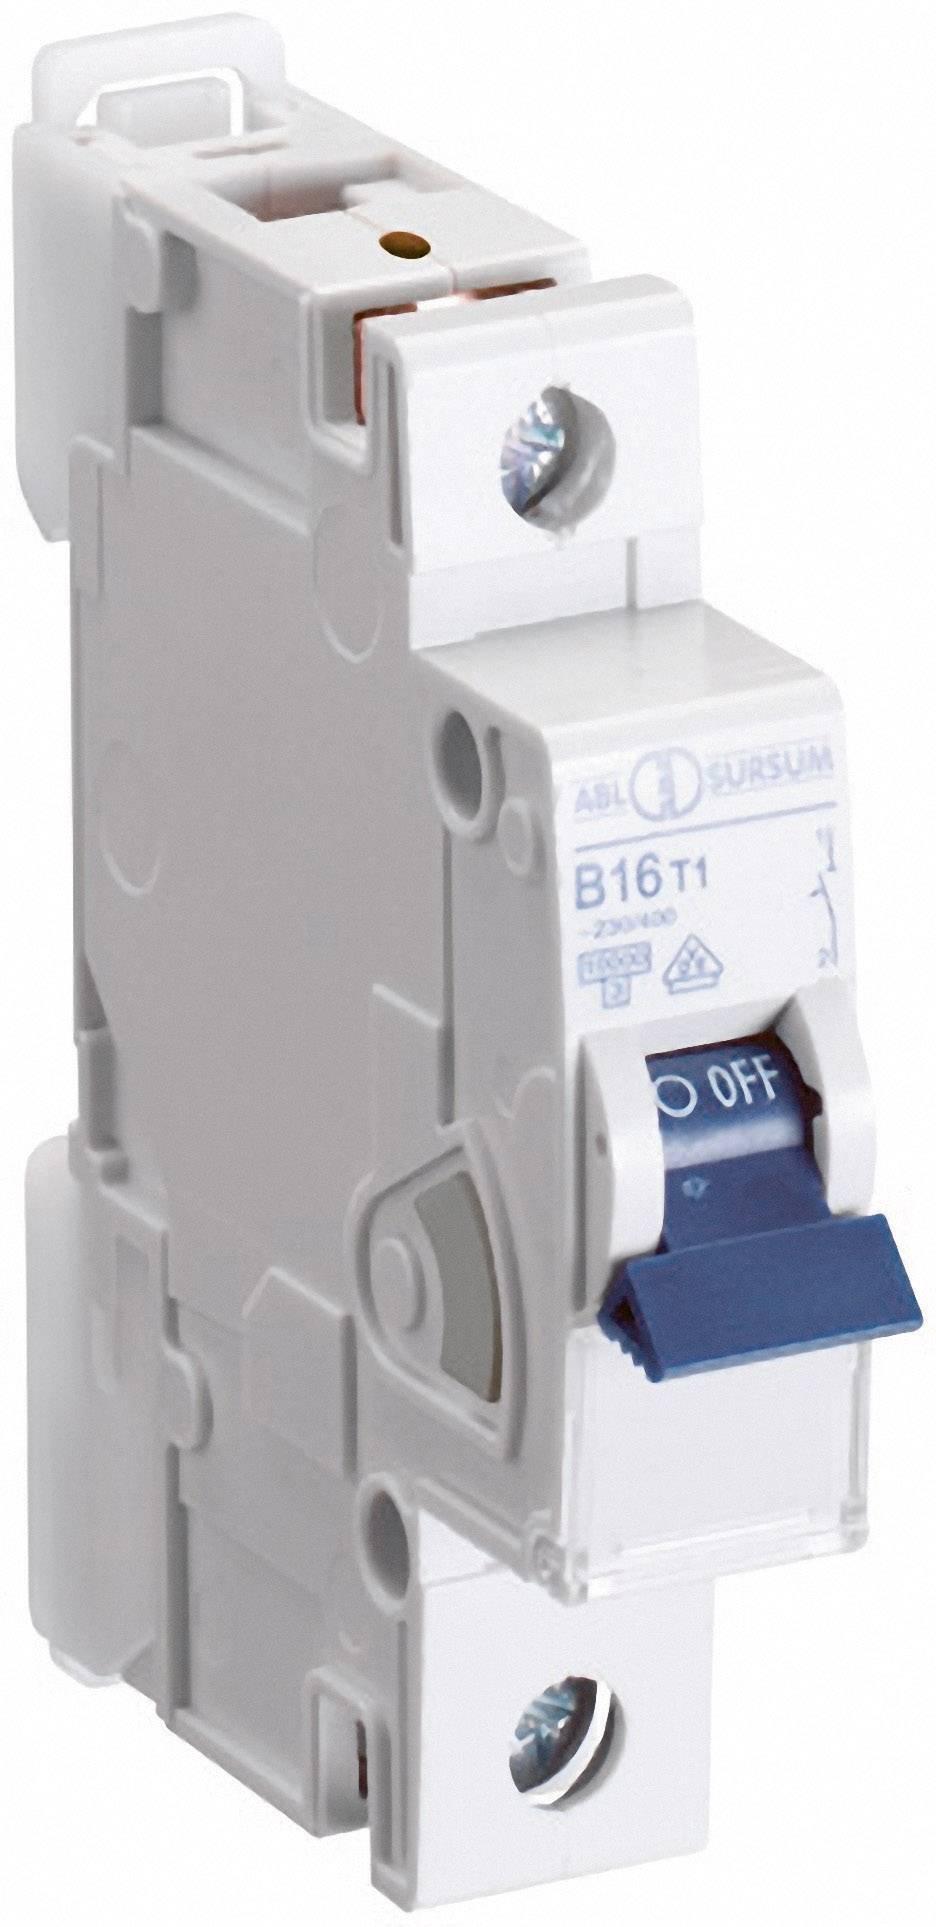 Elektrický istič ABL Sursum B16T1, 1-pólový, 16 A